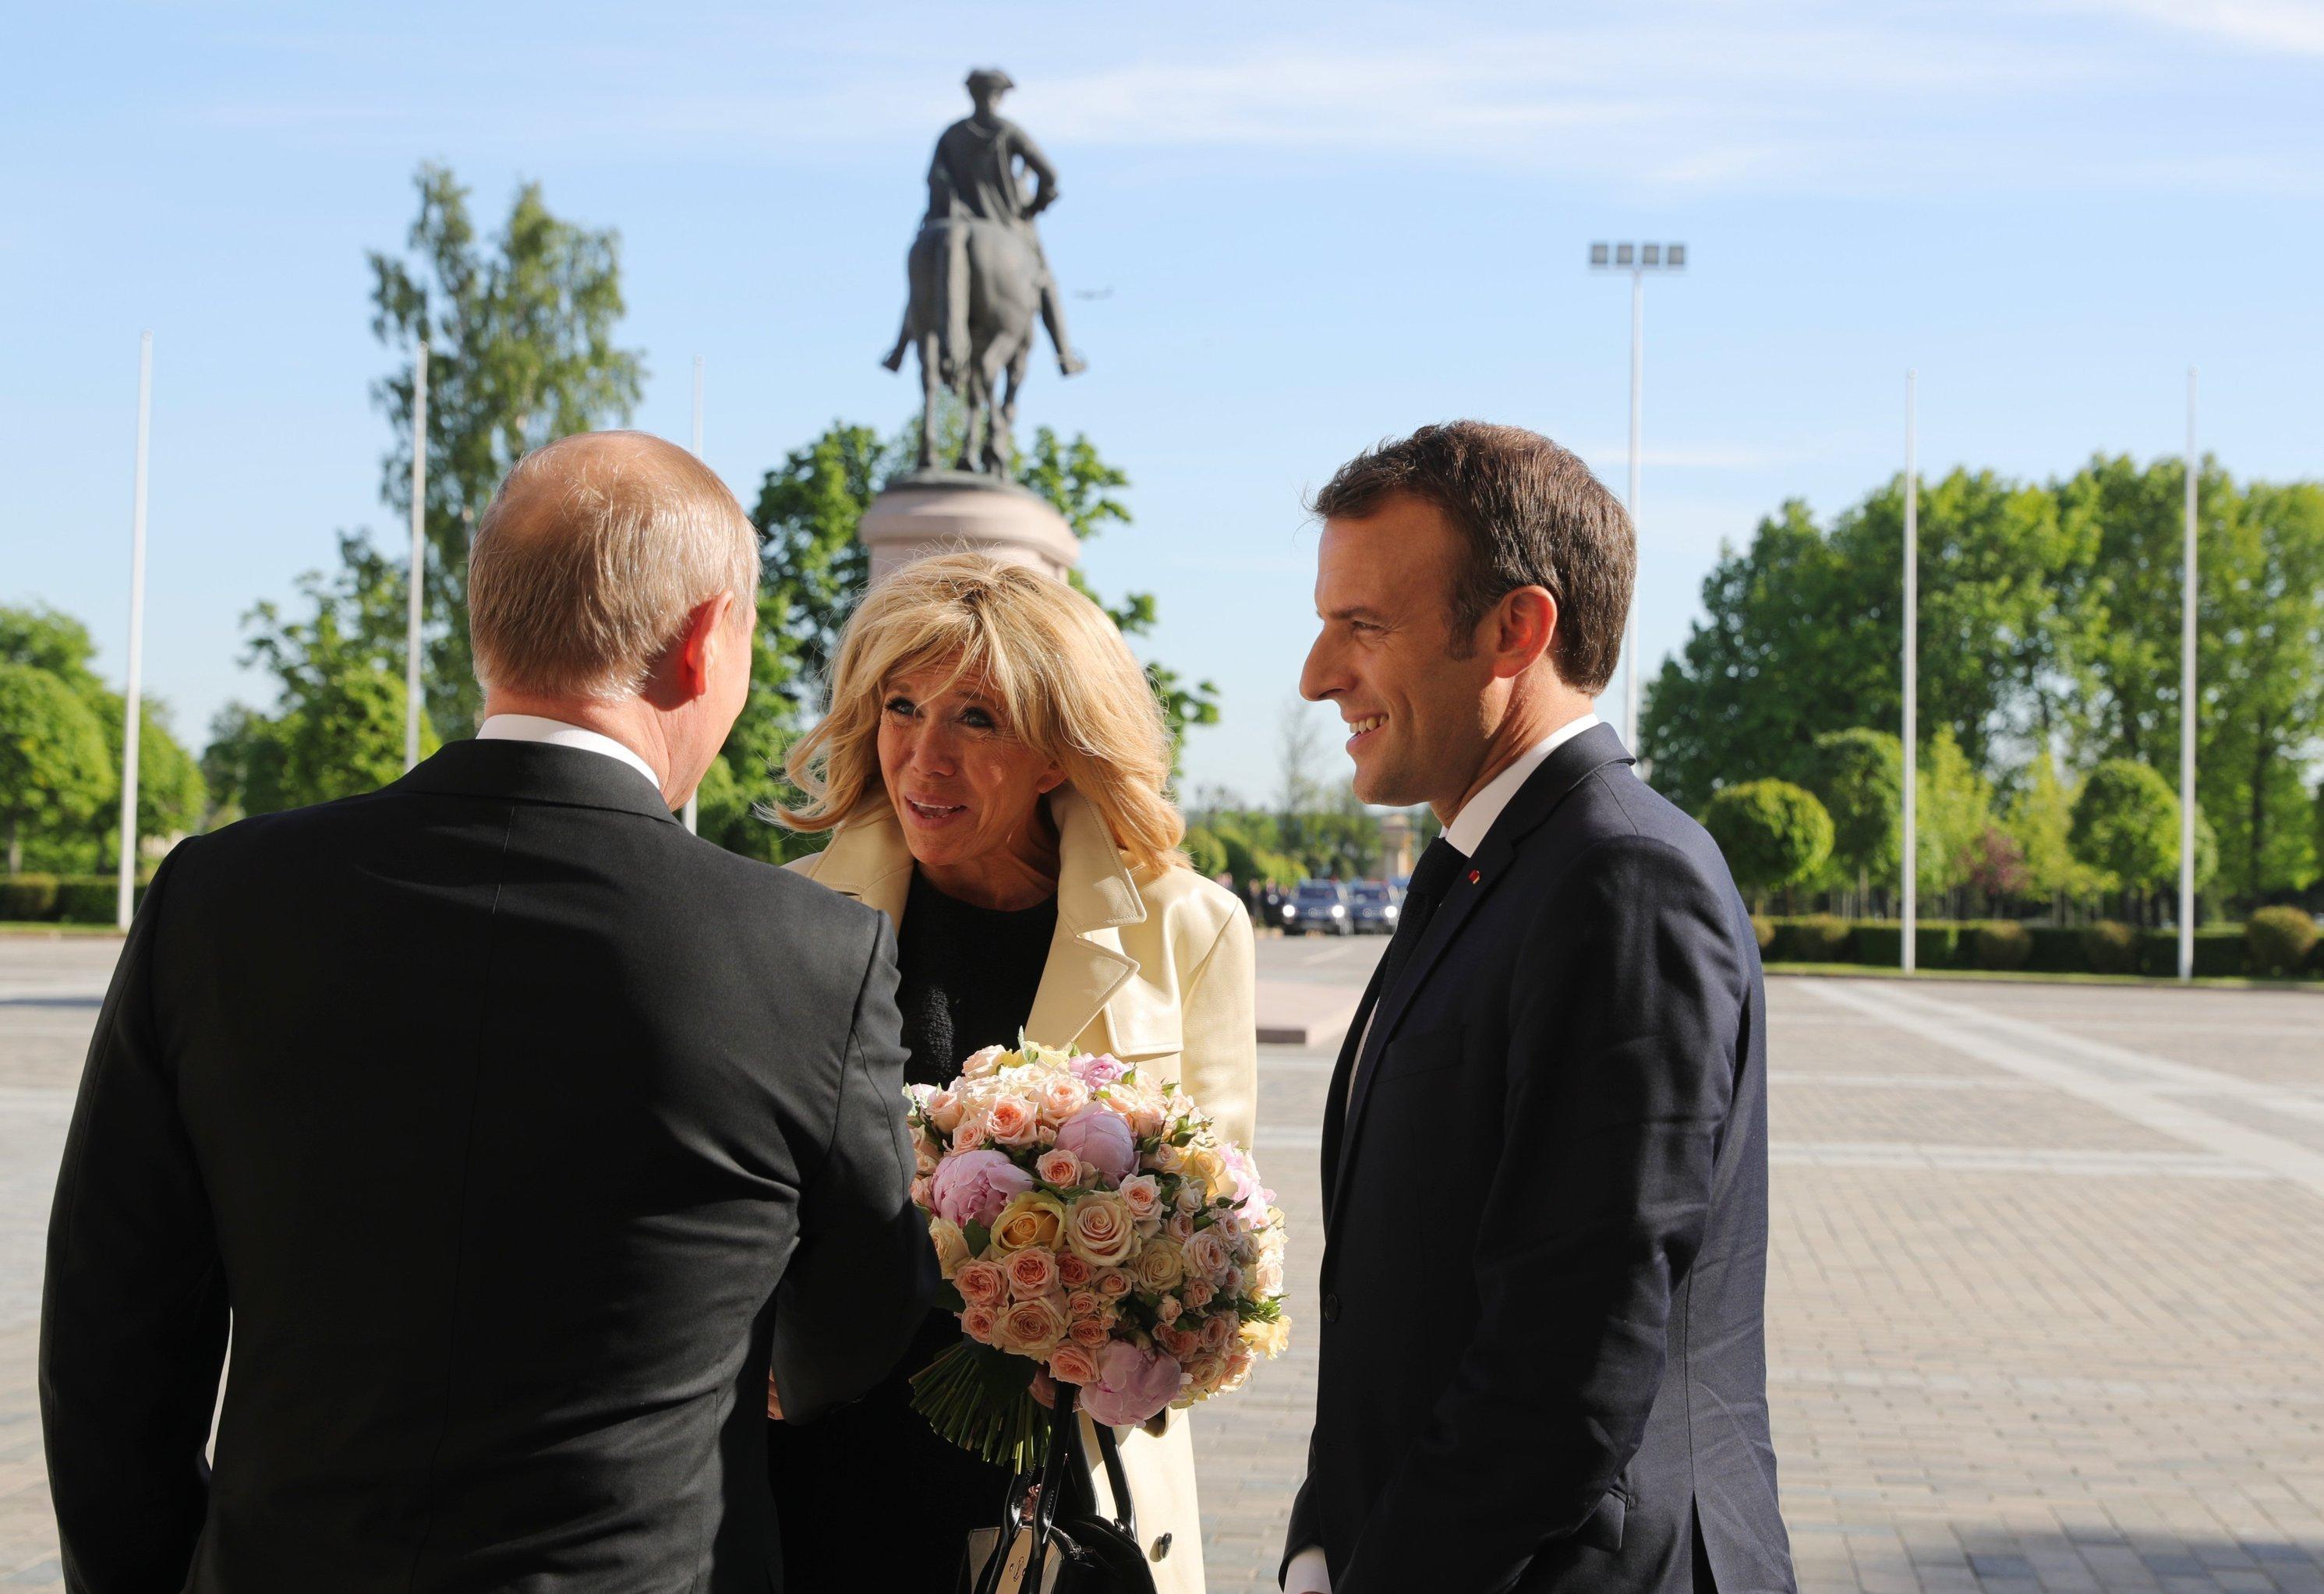 Vladimir Poutine offre des fleurs à Brigitte Macron